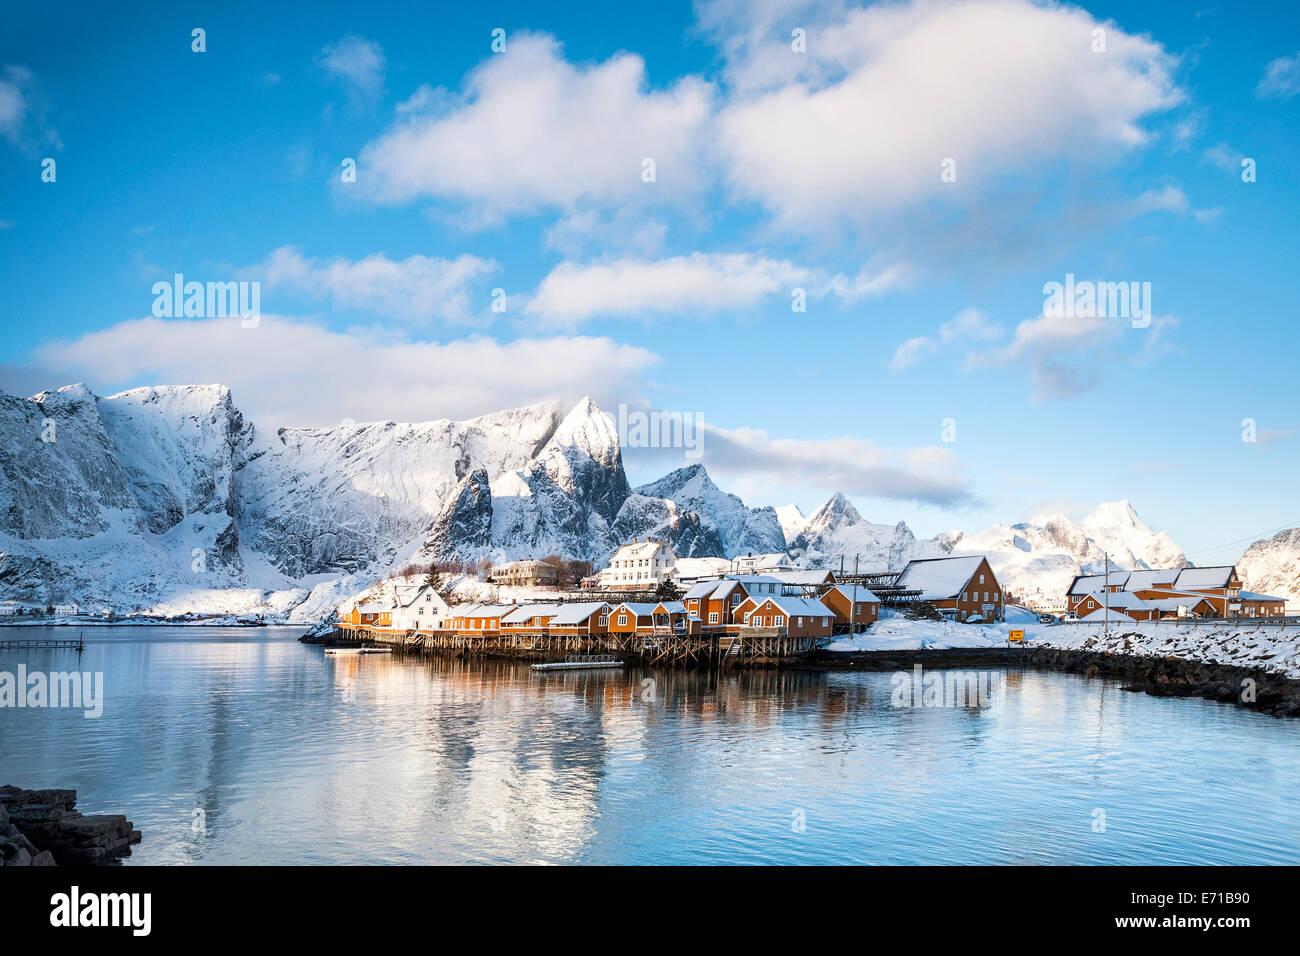 Le village de Sakrisoy par un beau jour d'hiver Photo Stock